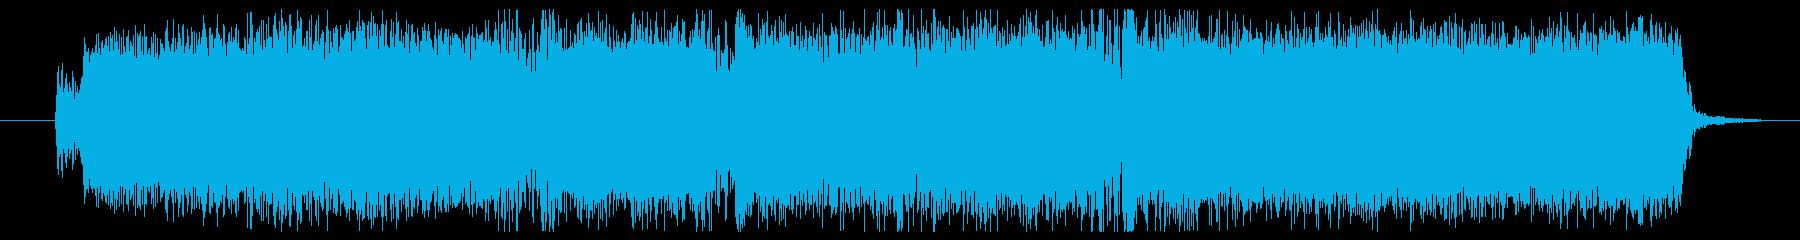 重低音のメタルギタージングルの再生済みの波形